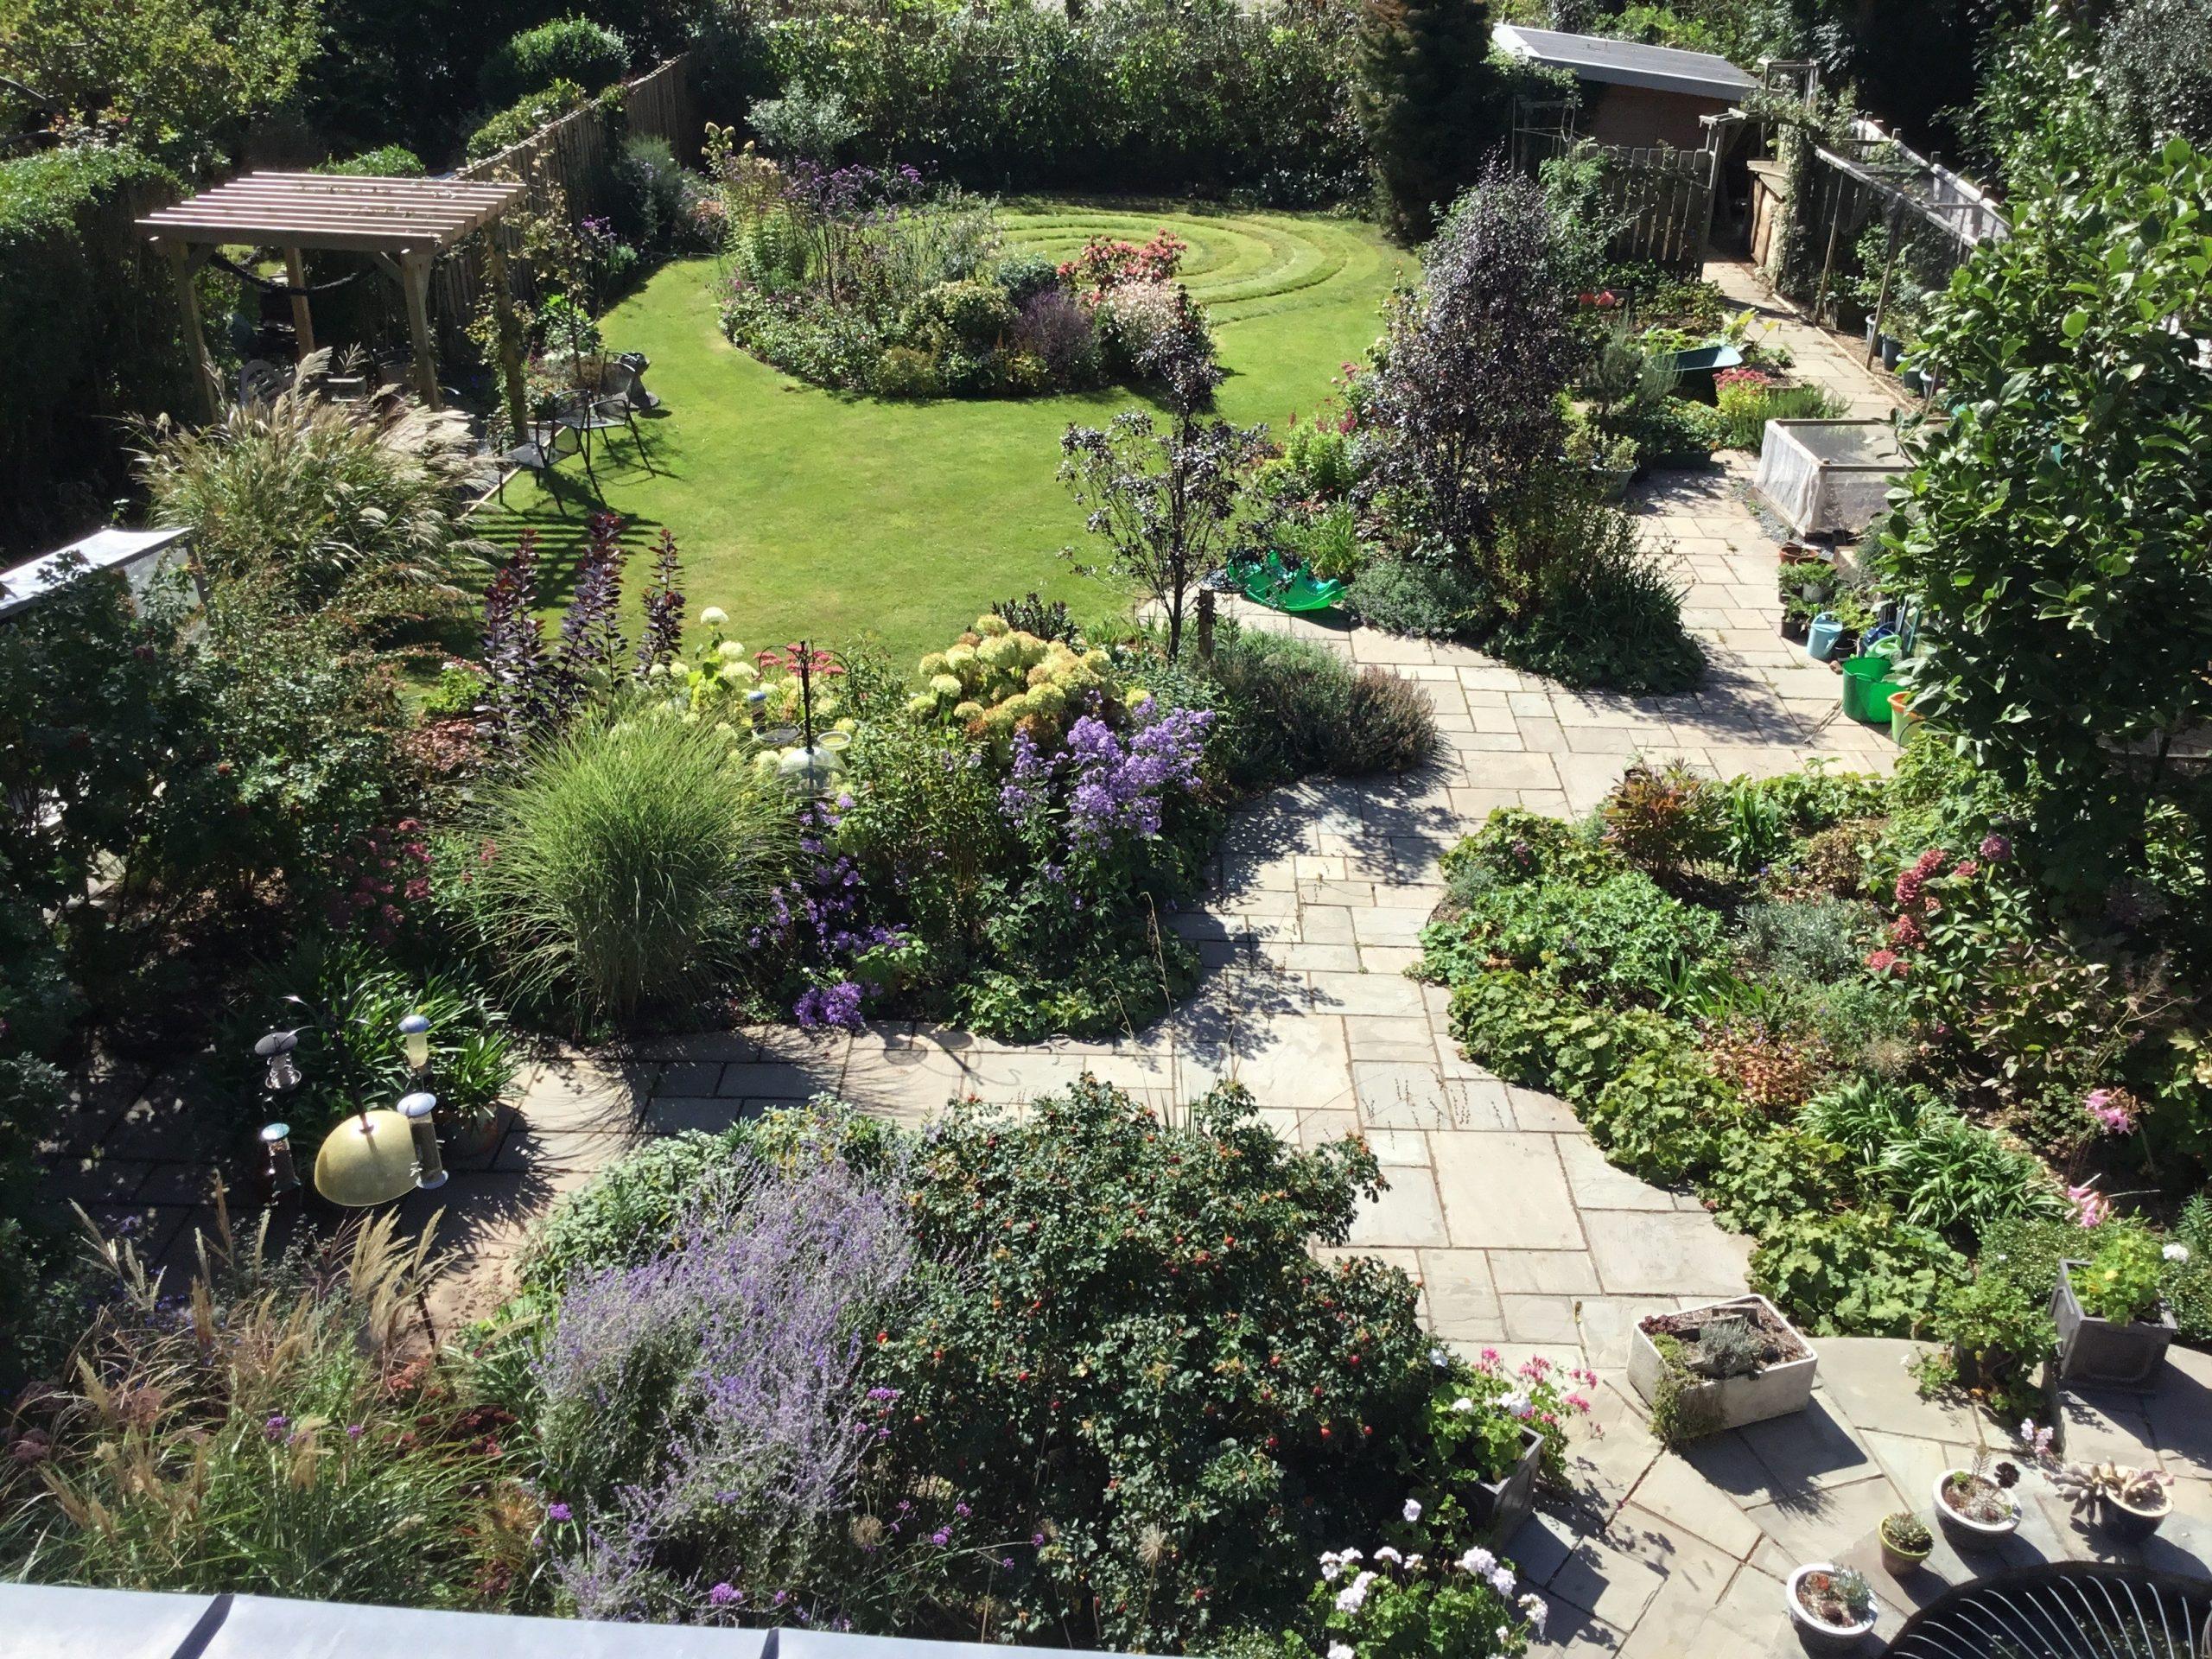 St Leonards Open Gardens